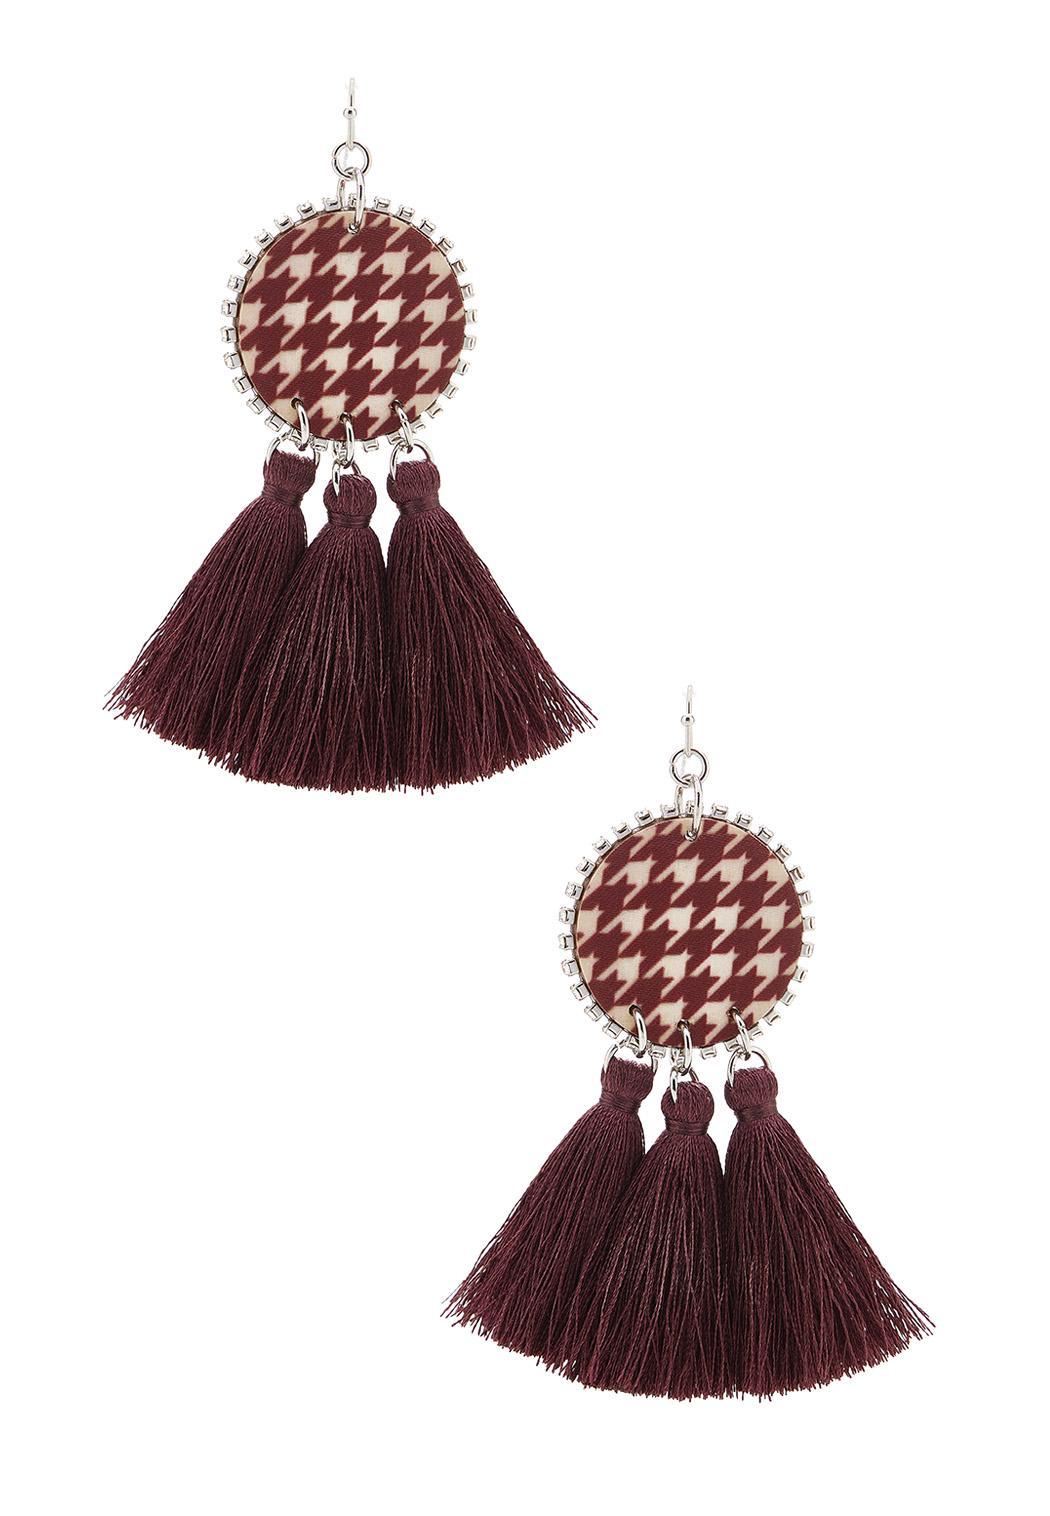 Tasseled Houndstooth Earrings